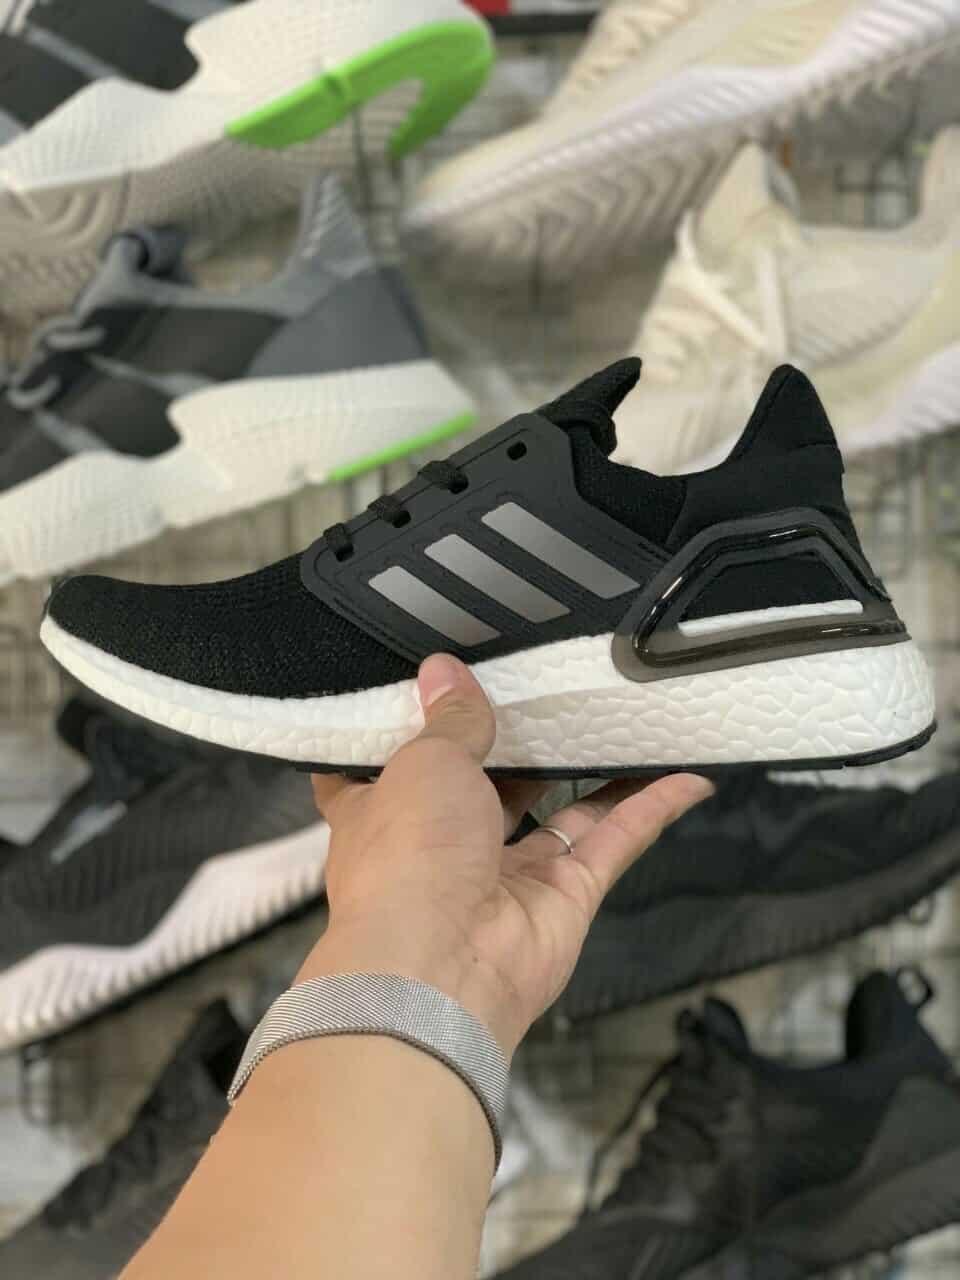 Giày Ultra Boost 6.0 Đen Bạc